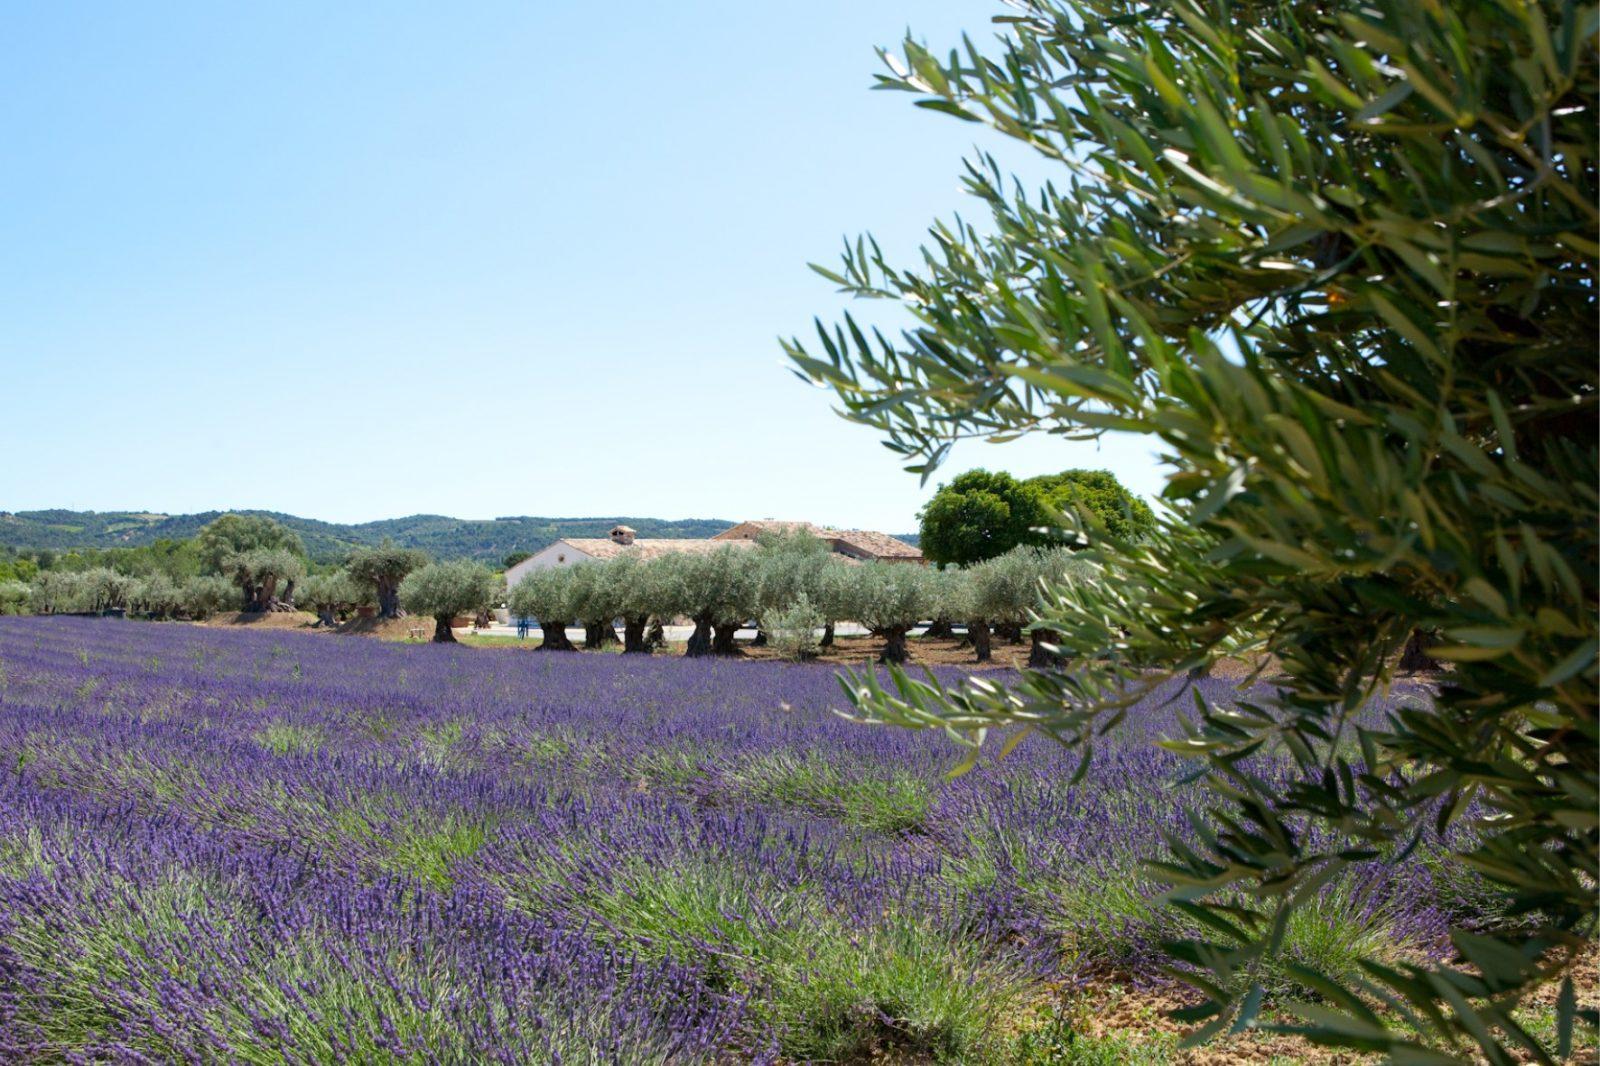 L'O Provençale